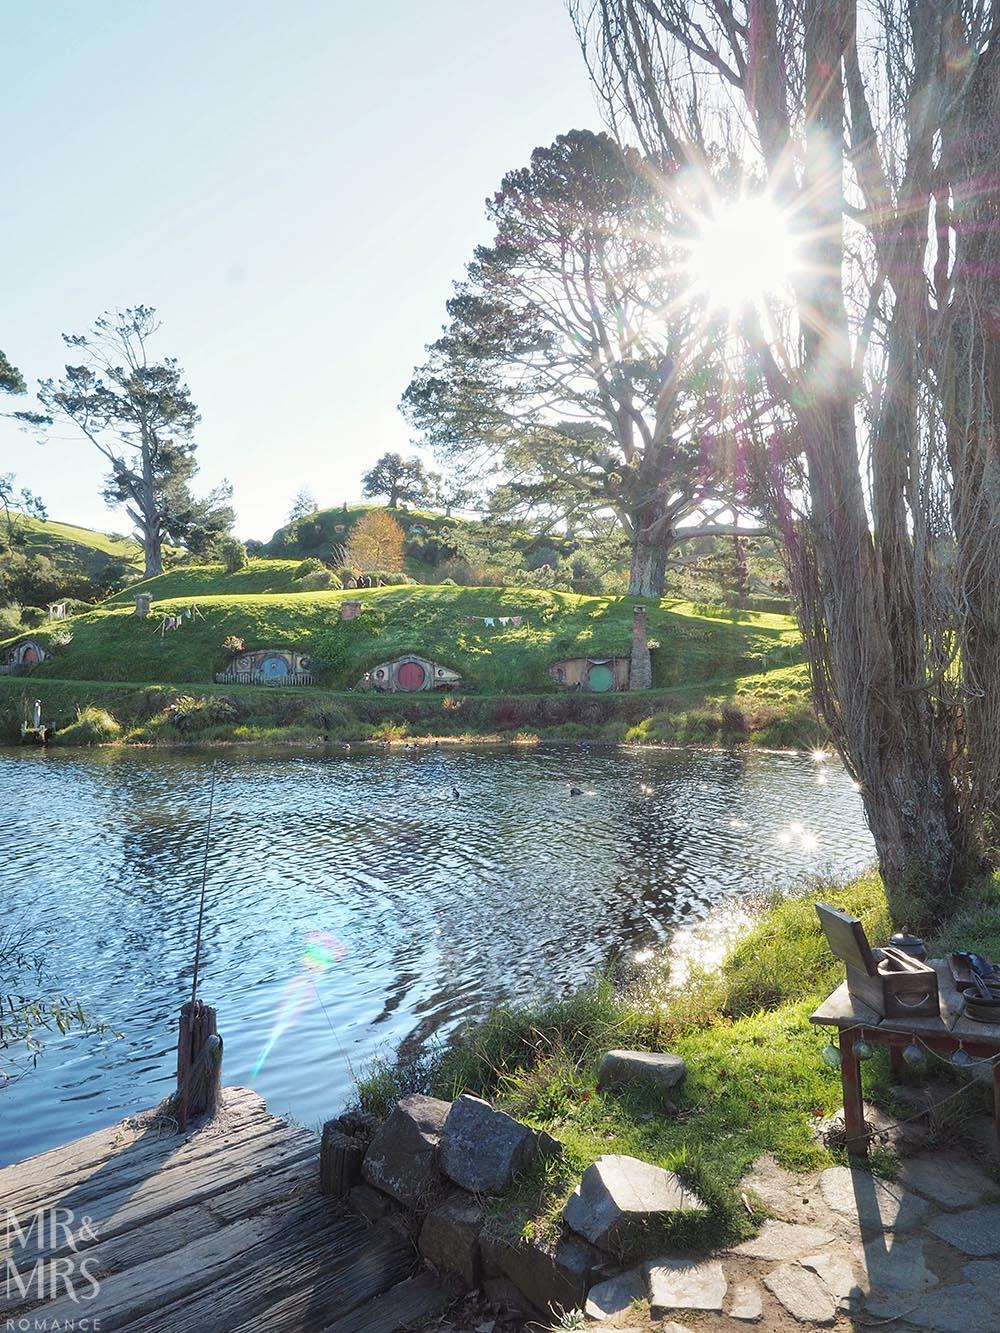 Hobbiton Movie Set, Waikato, New Zealand